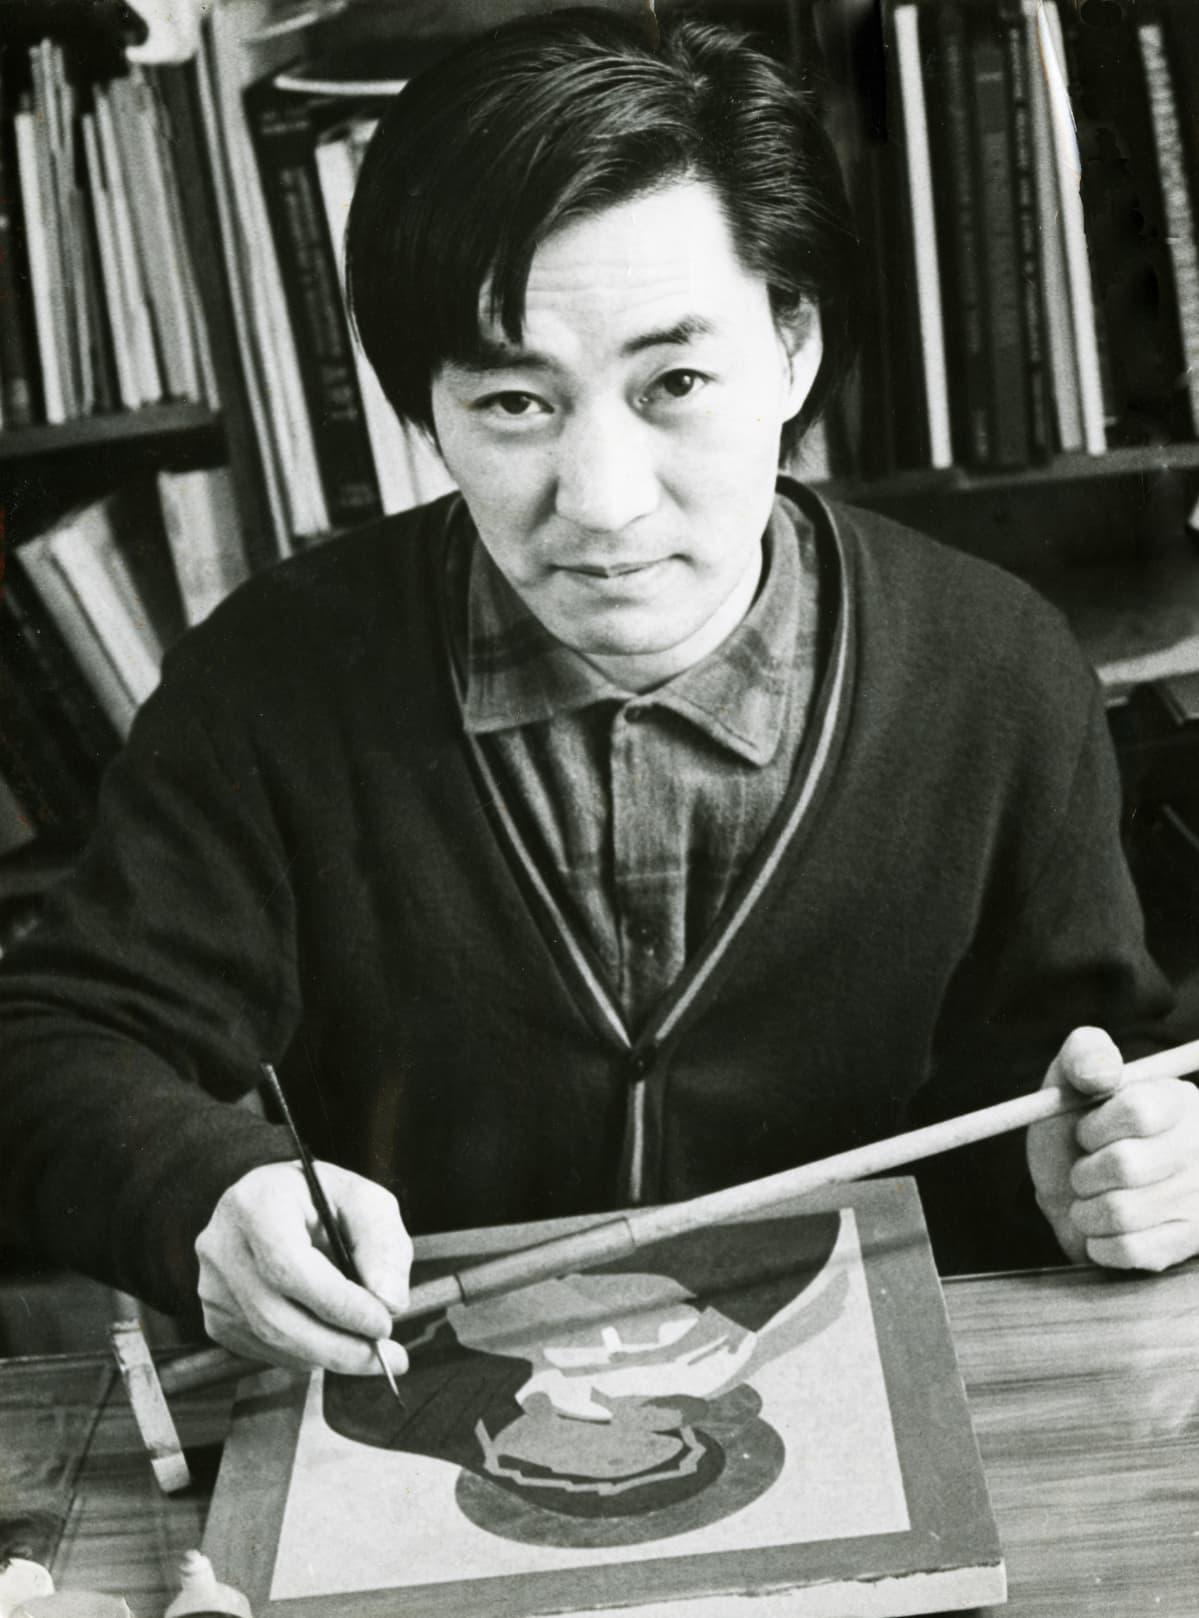 Japanilaissyntyinen Petros Sasaki (1939–1999) oli merkittävä ikonitaiteen edistäjä ja opettaja Suomessa.